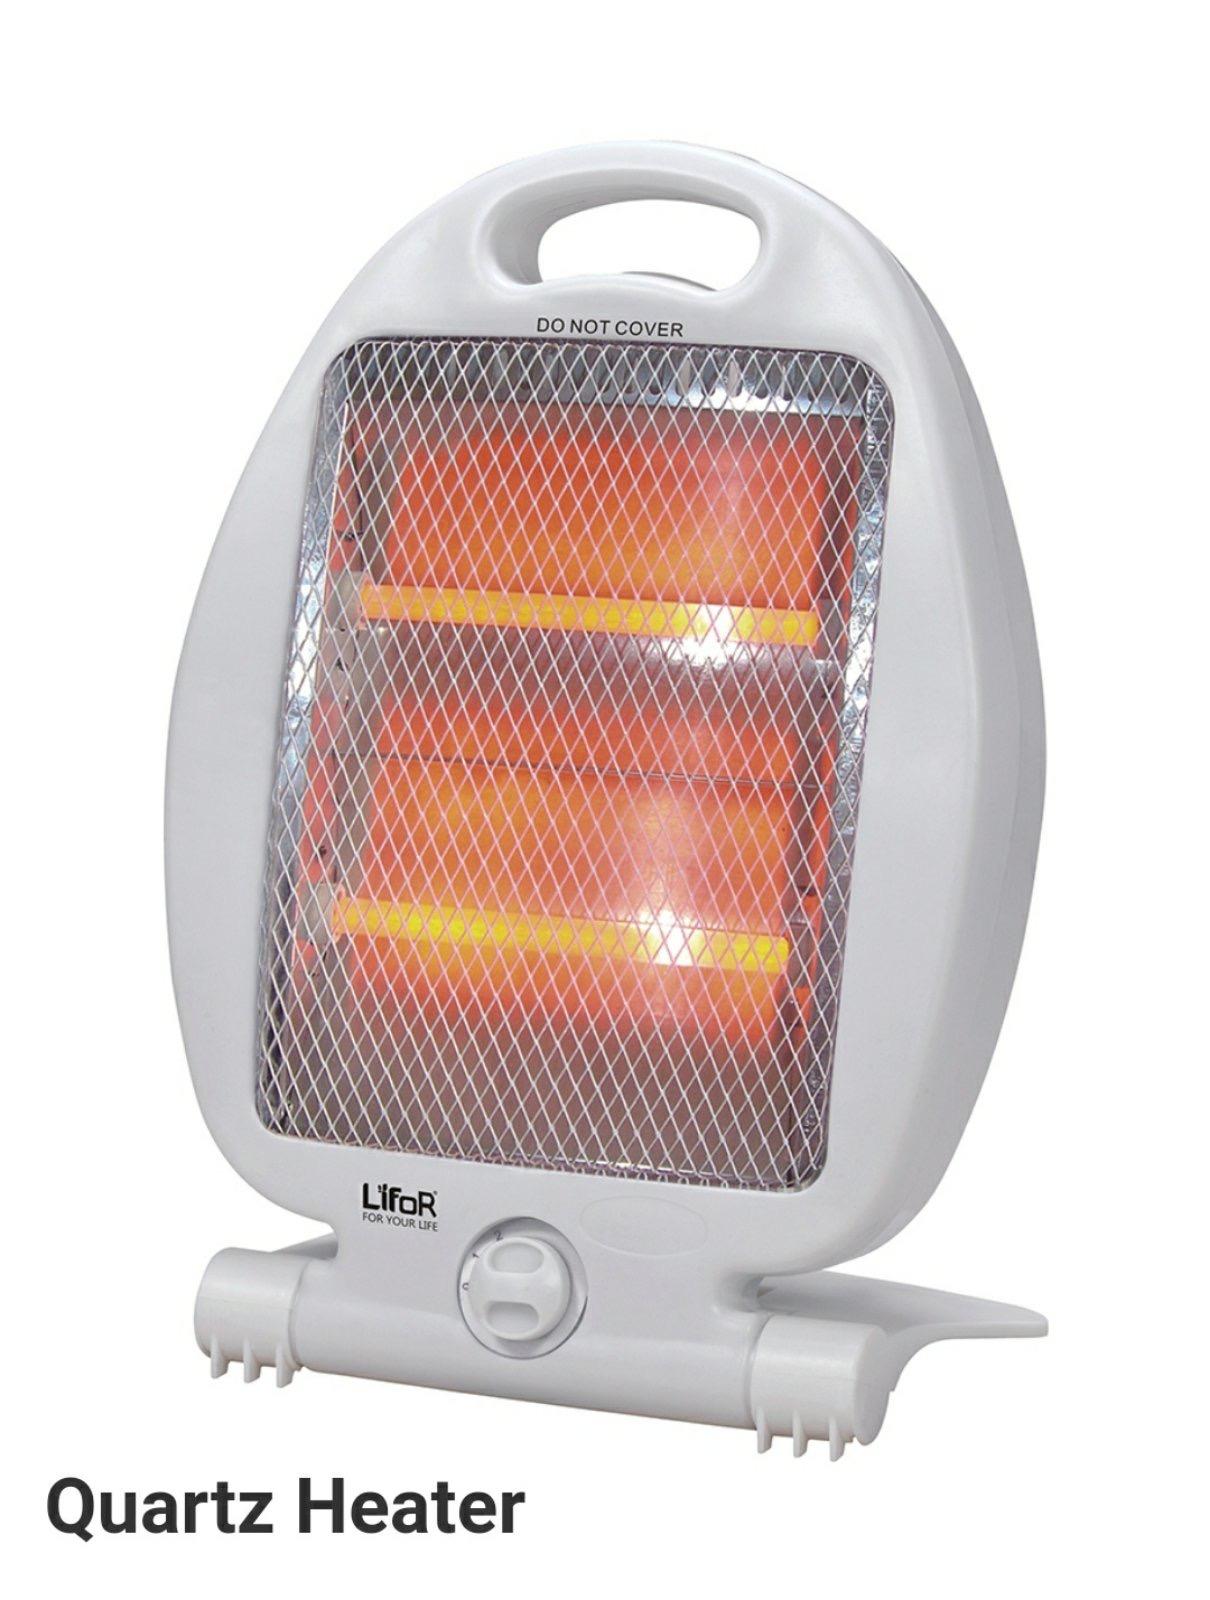 Lifor Quartz Heater